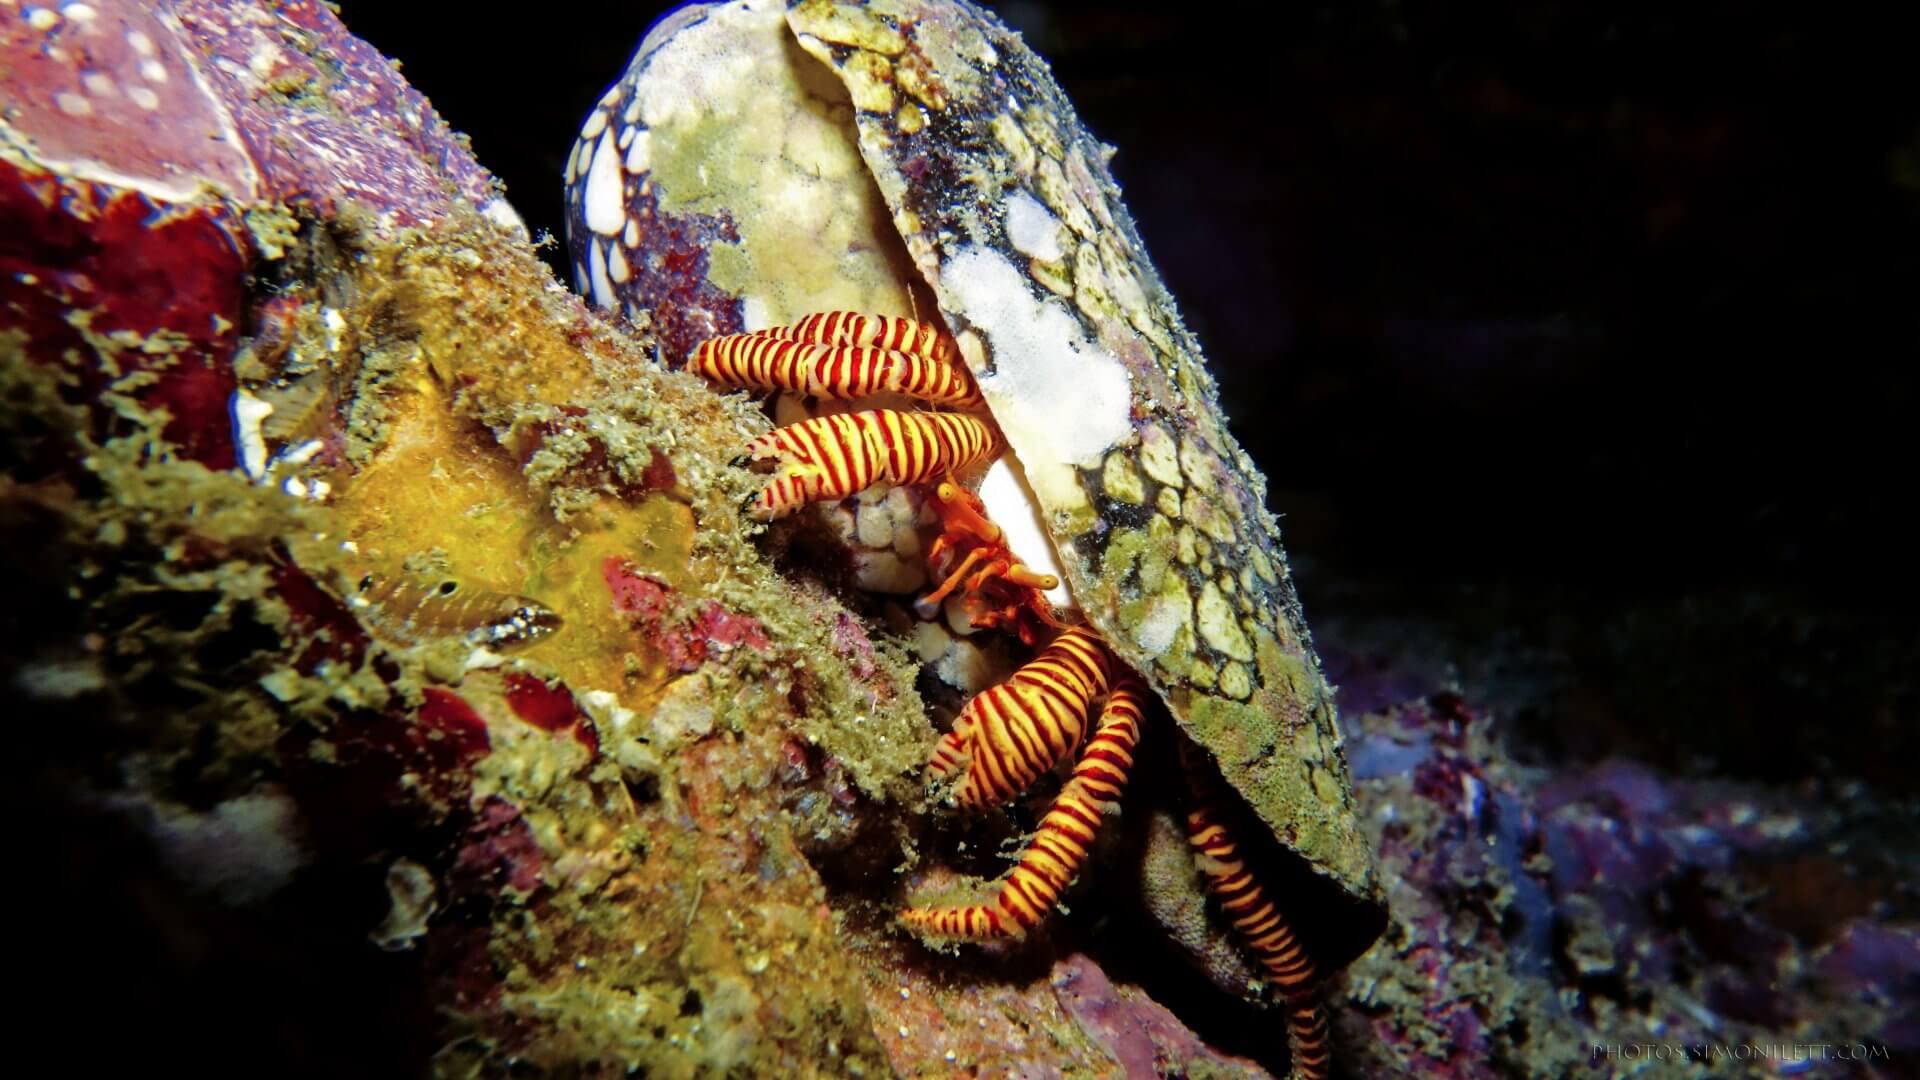 Spooky Halloween Hermit Crab